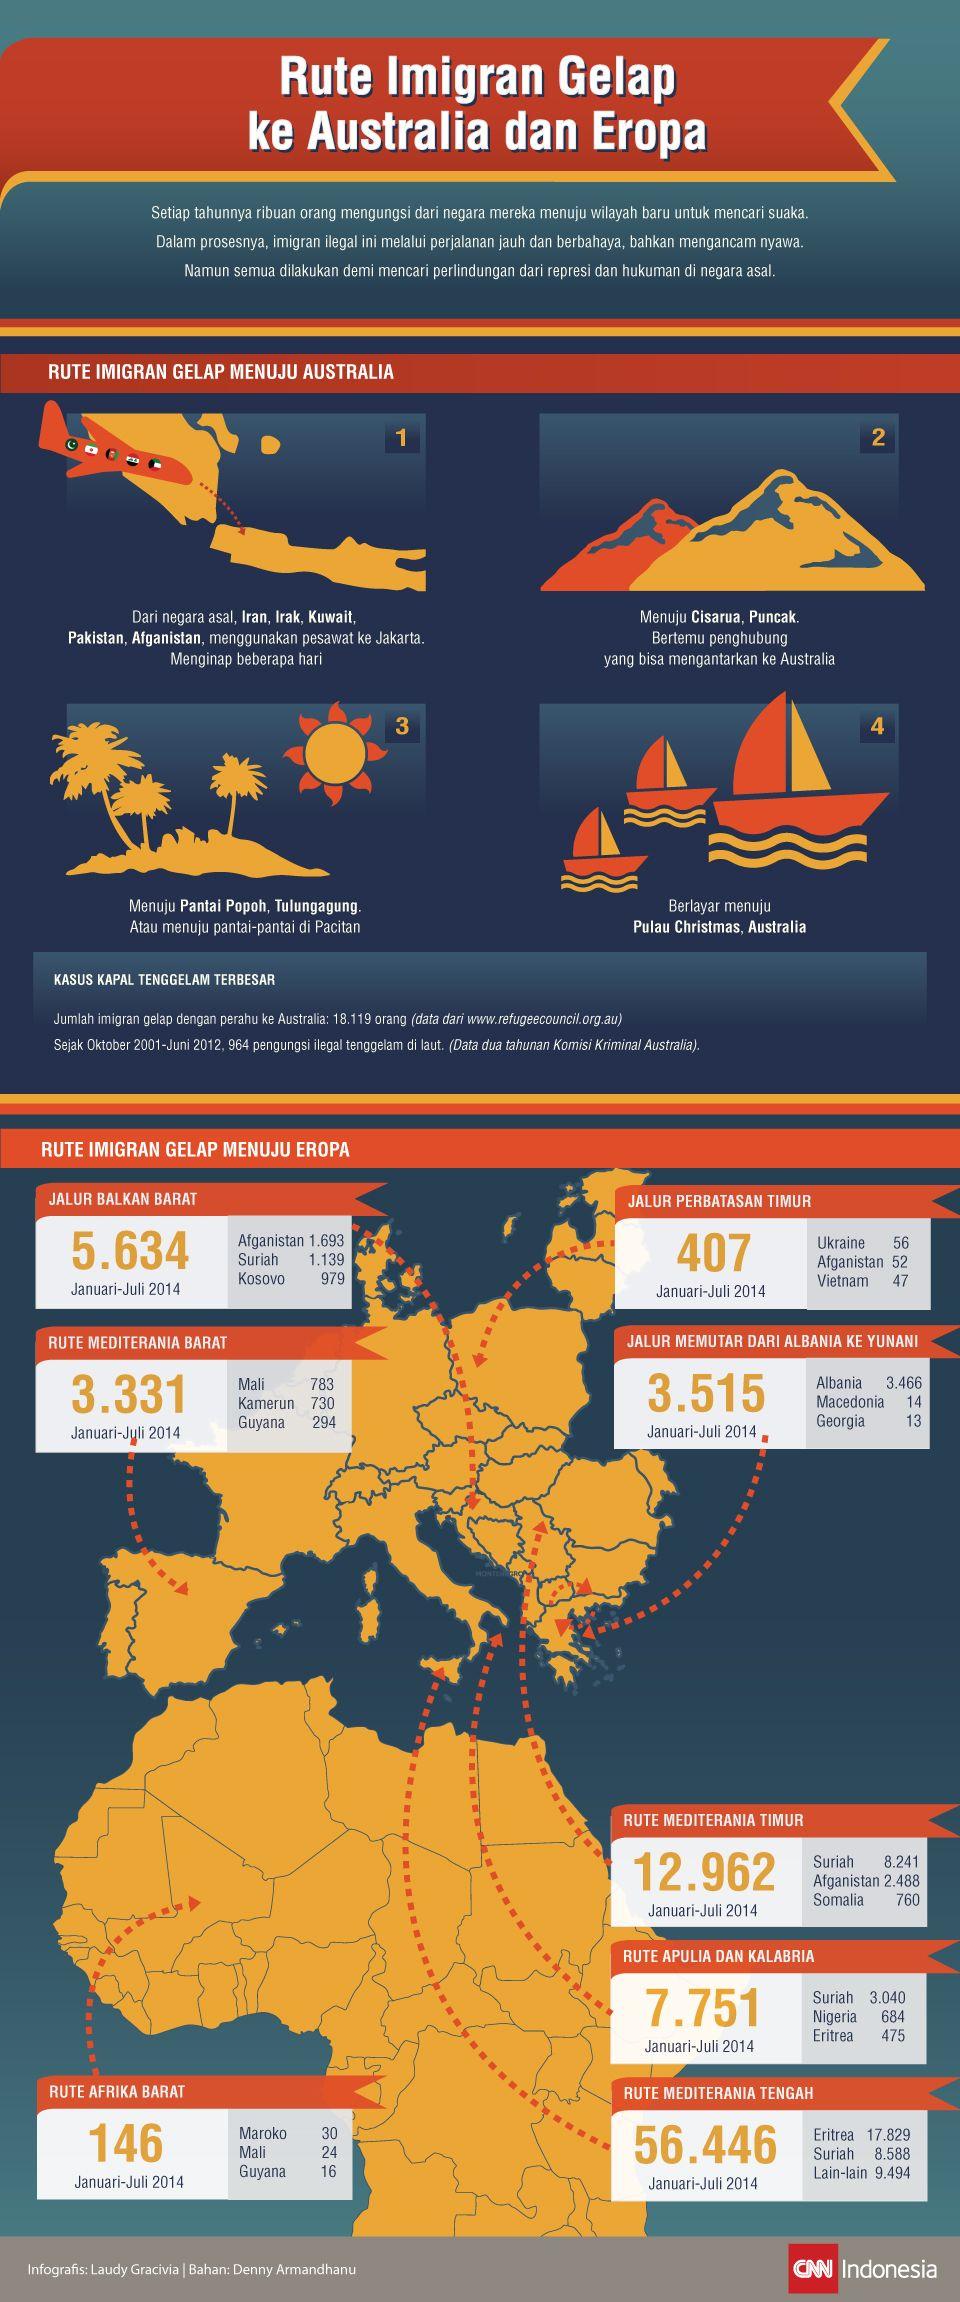 Infografis mengenai rute perjalanan imigran gelap menuju australia dan eropa